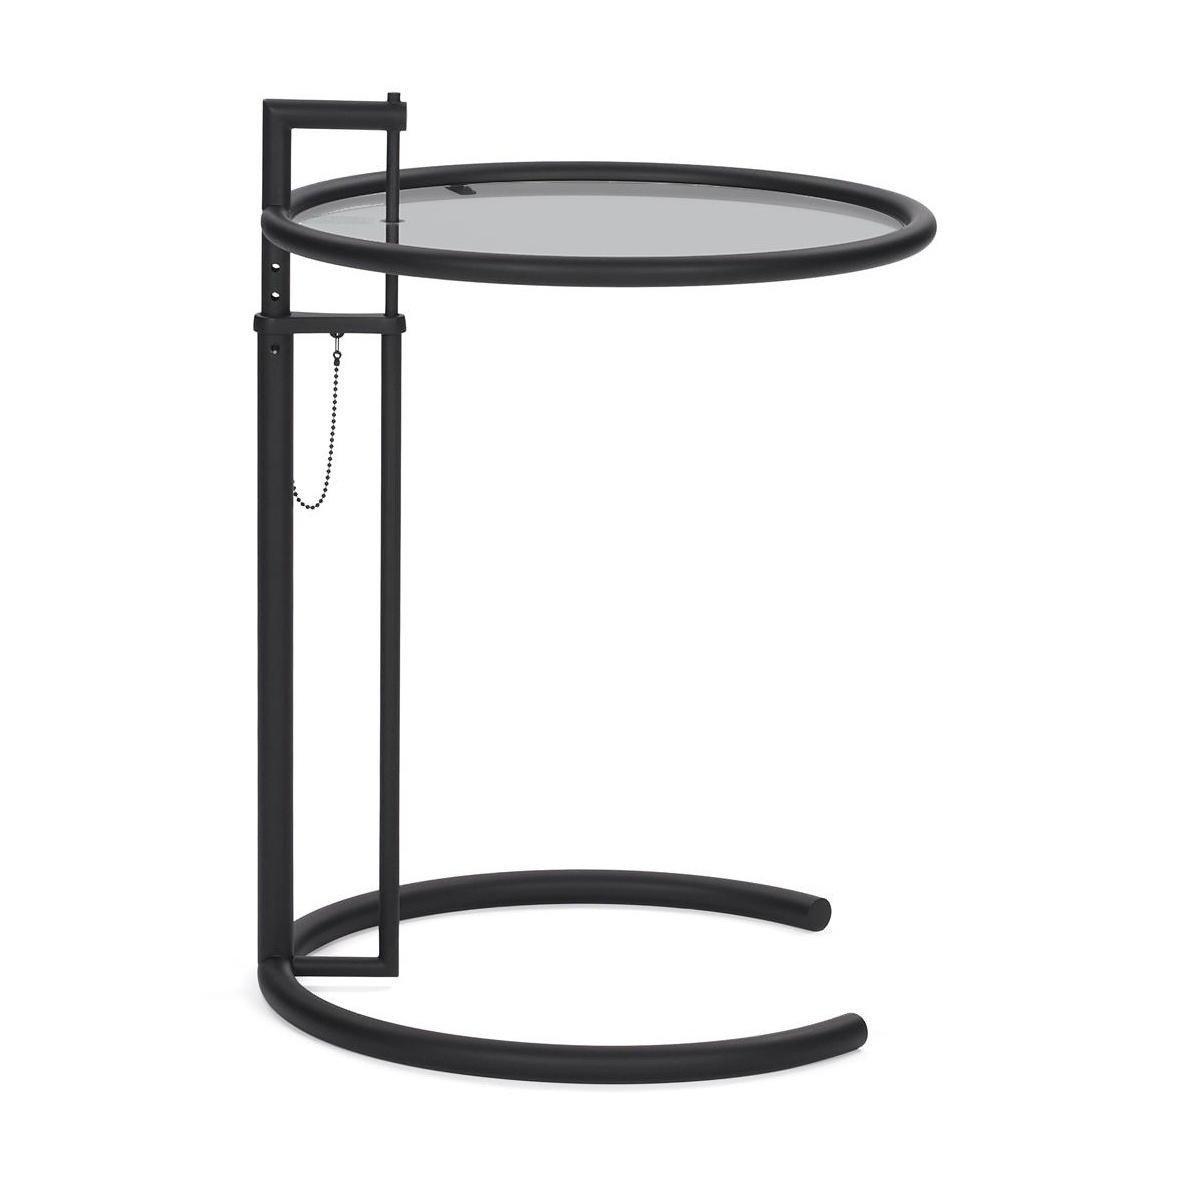 ClassiCon Adjustable Table E 1027 Beistelltisch schwarz | AmbienteDirect